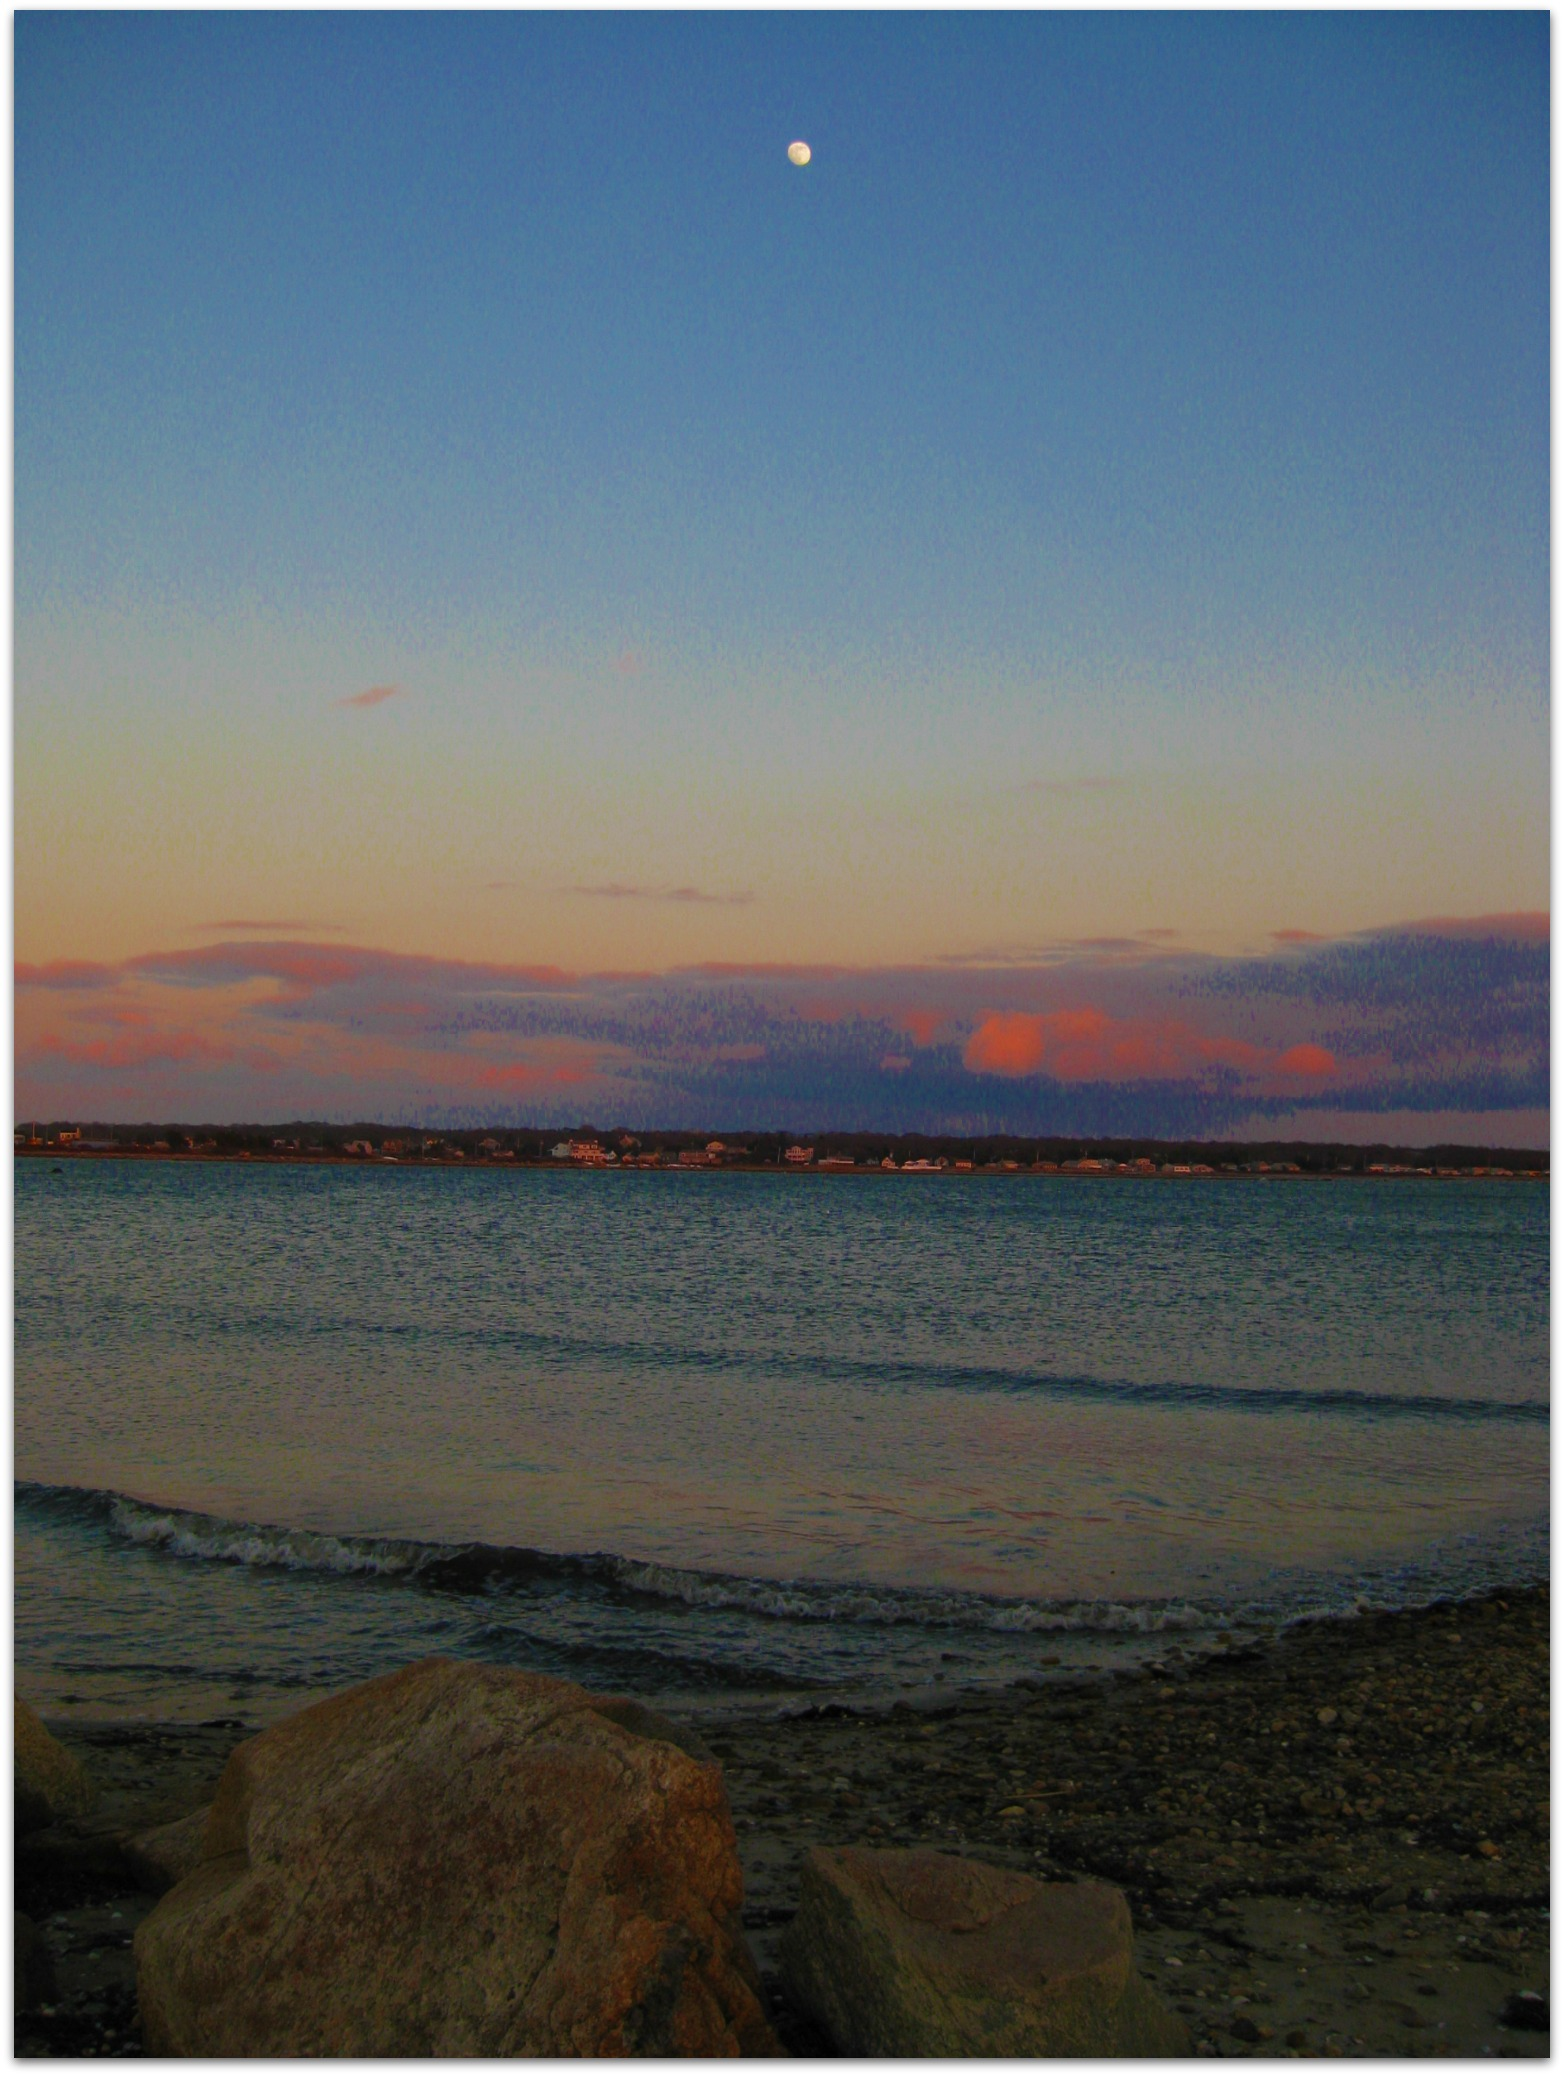 lita-sea-glass-jewelry-beach.jpg